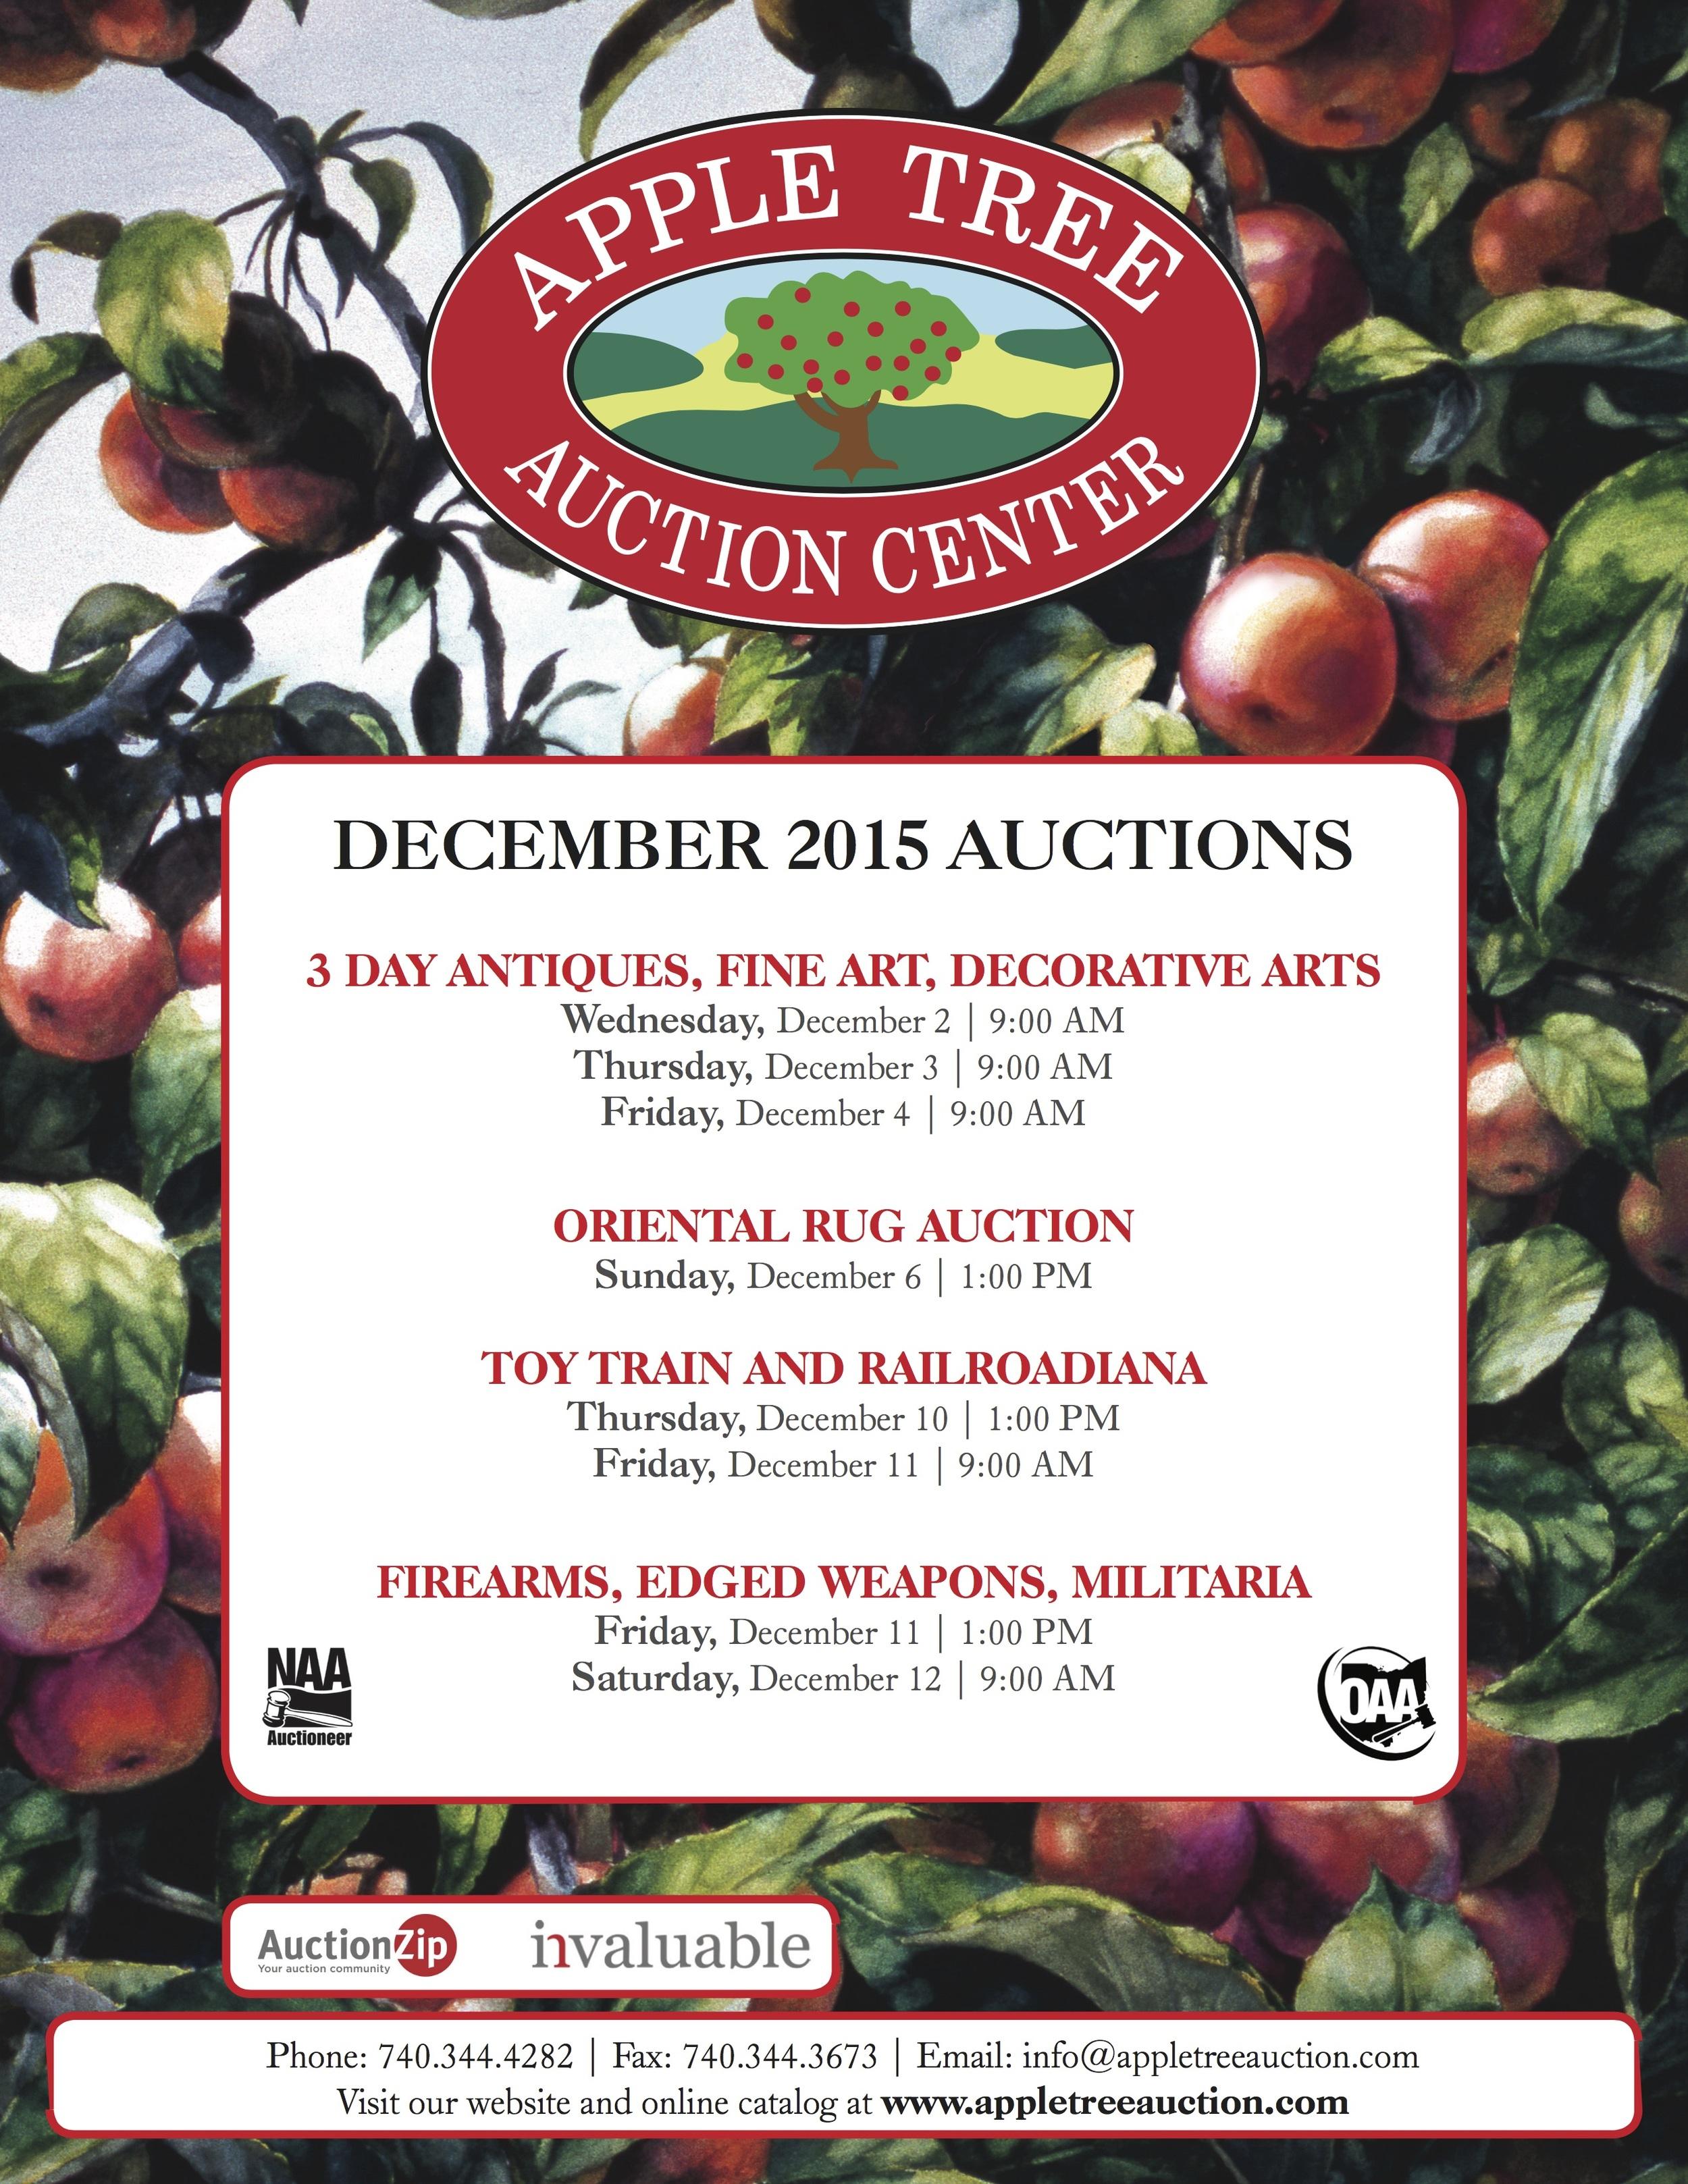 December Antique Flyer 15 high res_1.jpg